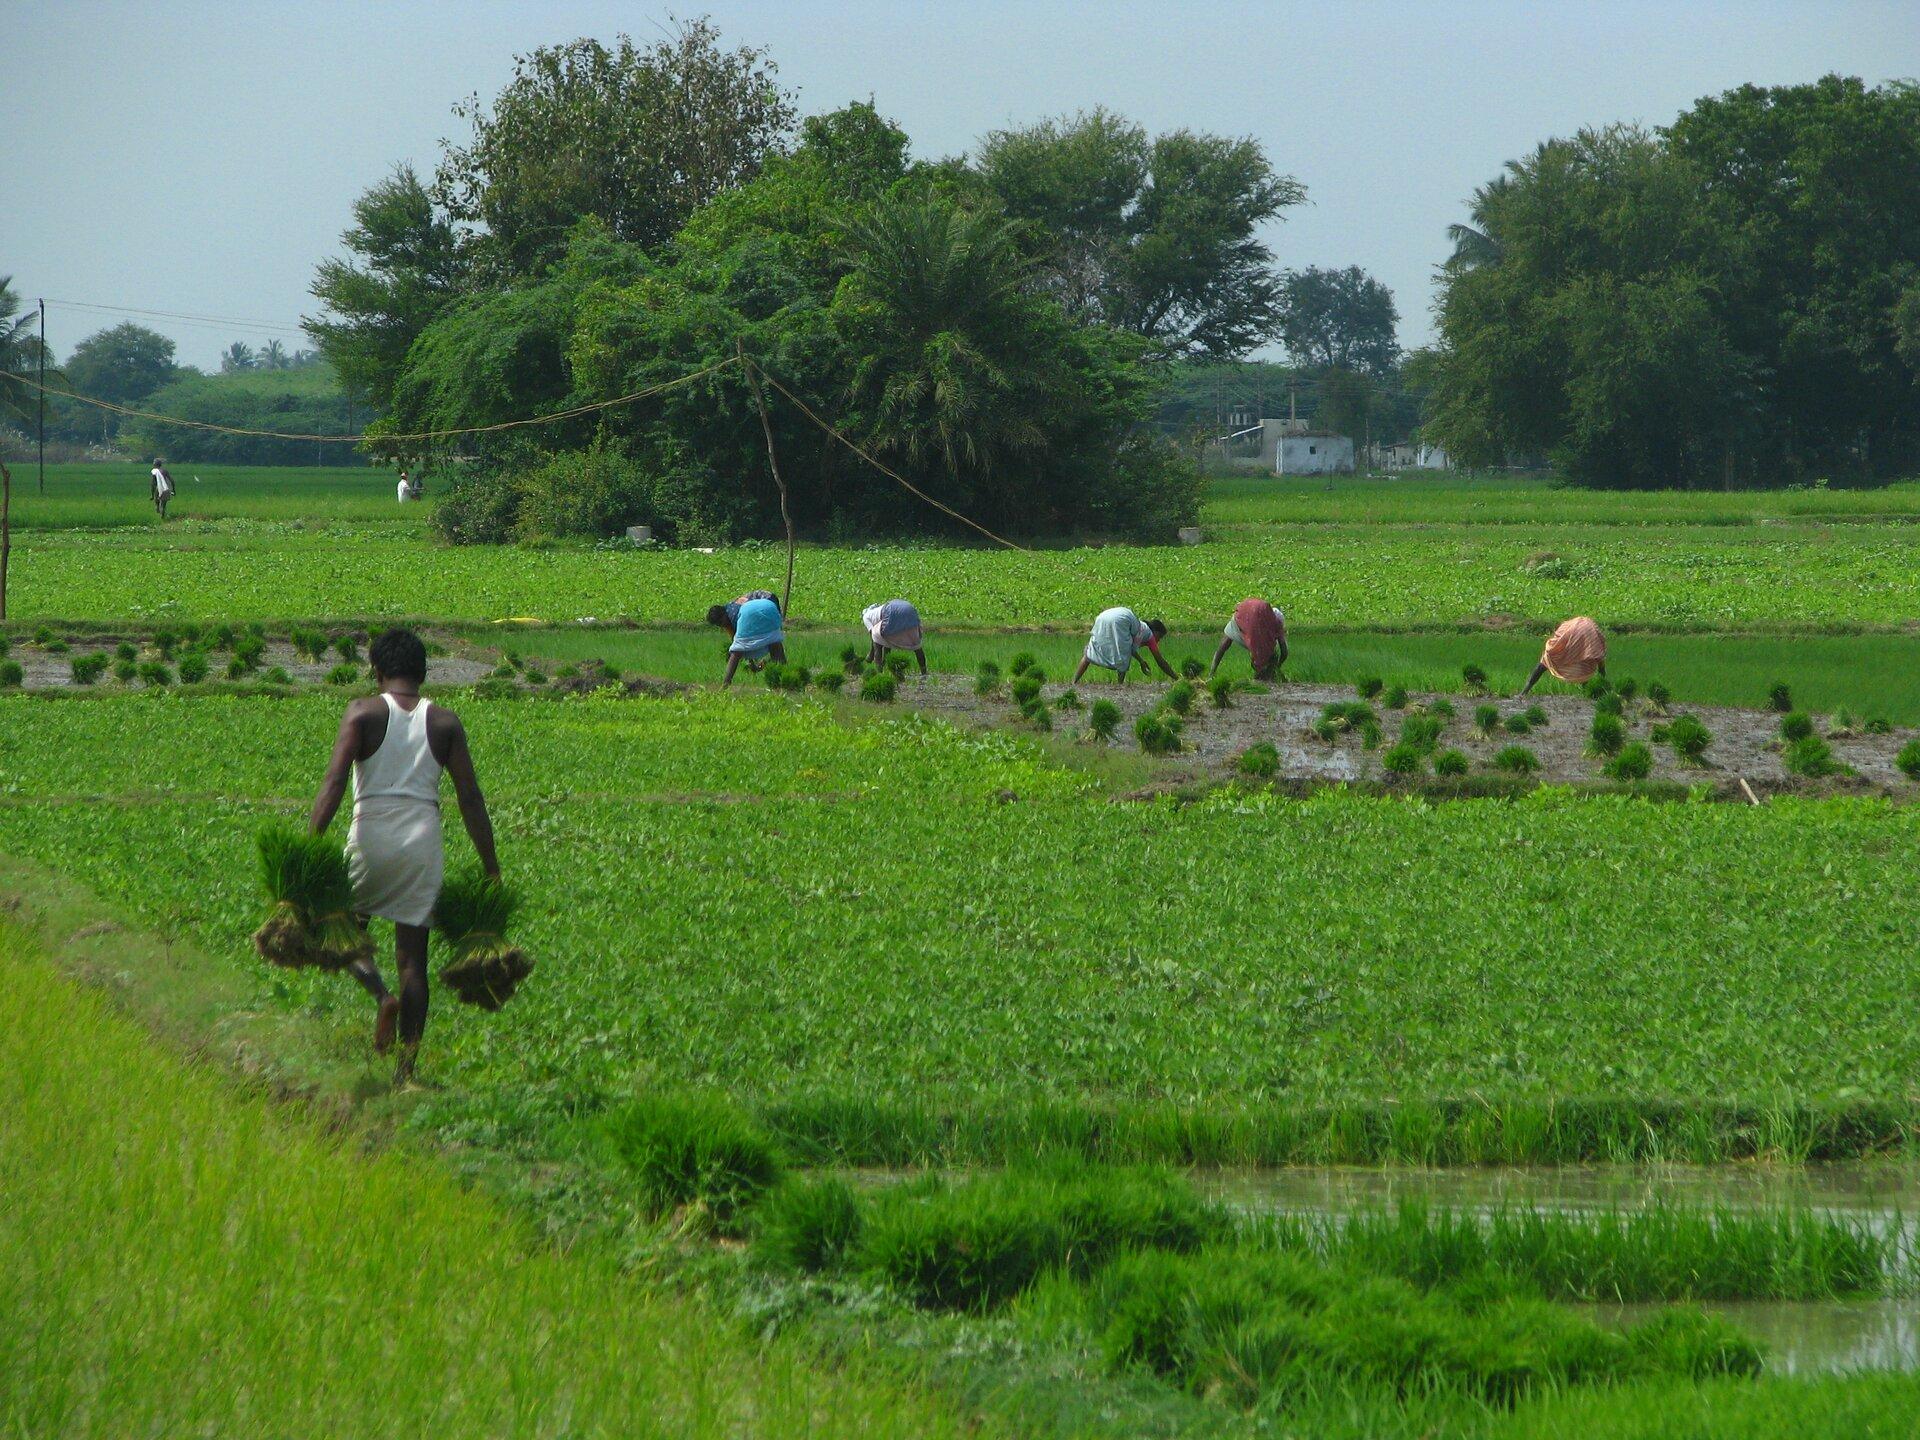 Na zdjęciu kilka osób sadzi sadzonki ryżu na rozległym podmokłym polu. Wtle drzewa.